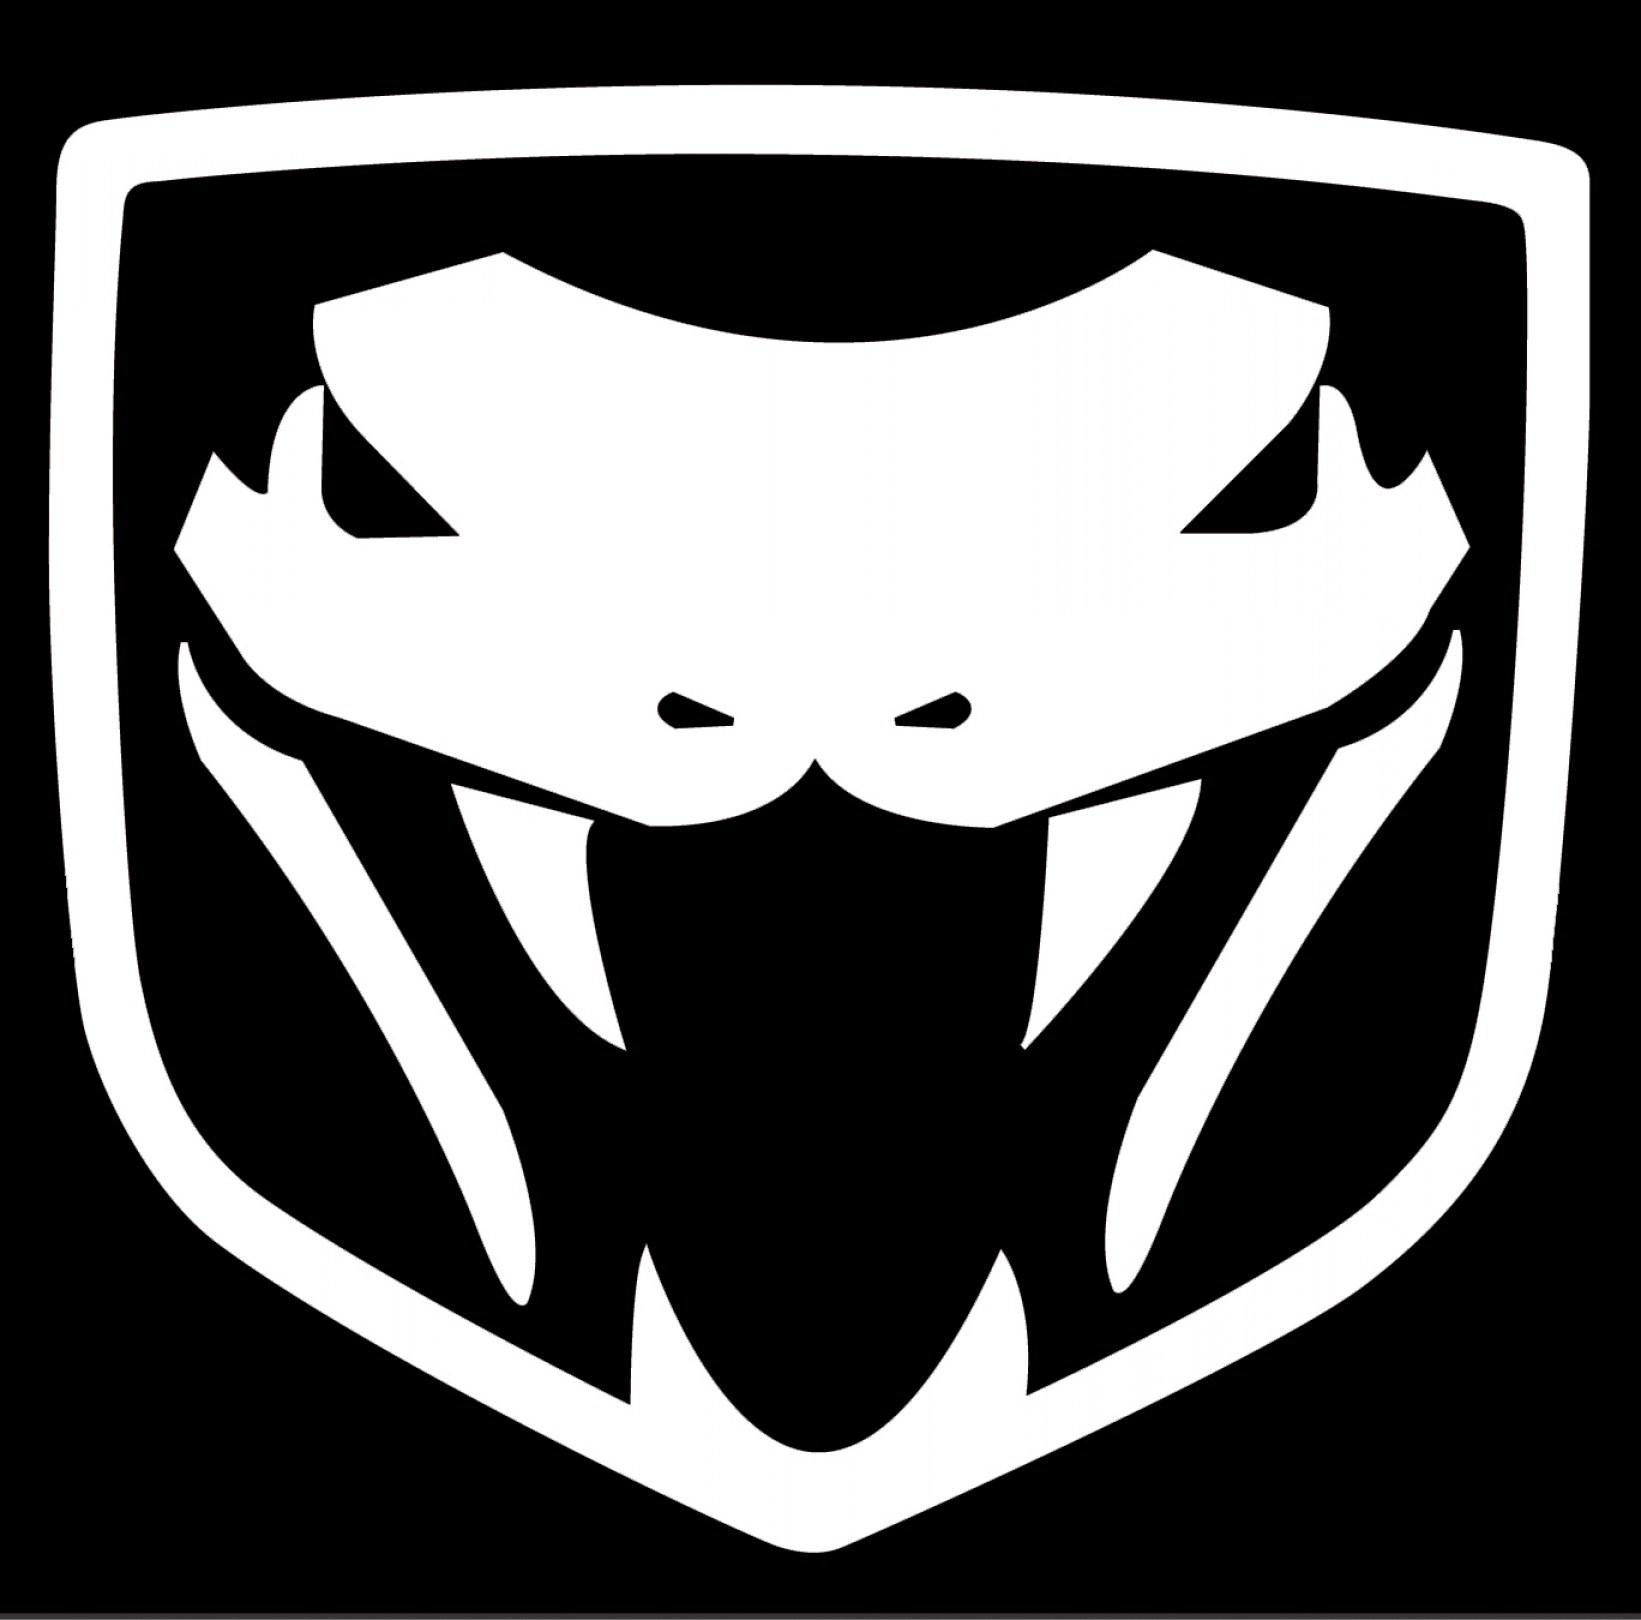 1641x1620 Dodge Viper Logo Vector Png Wallpaper